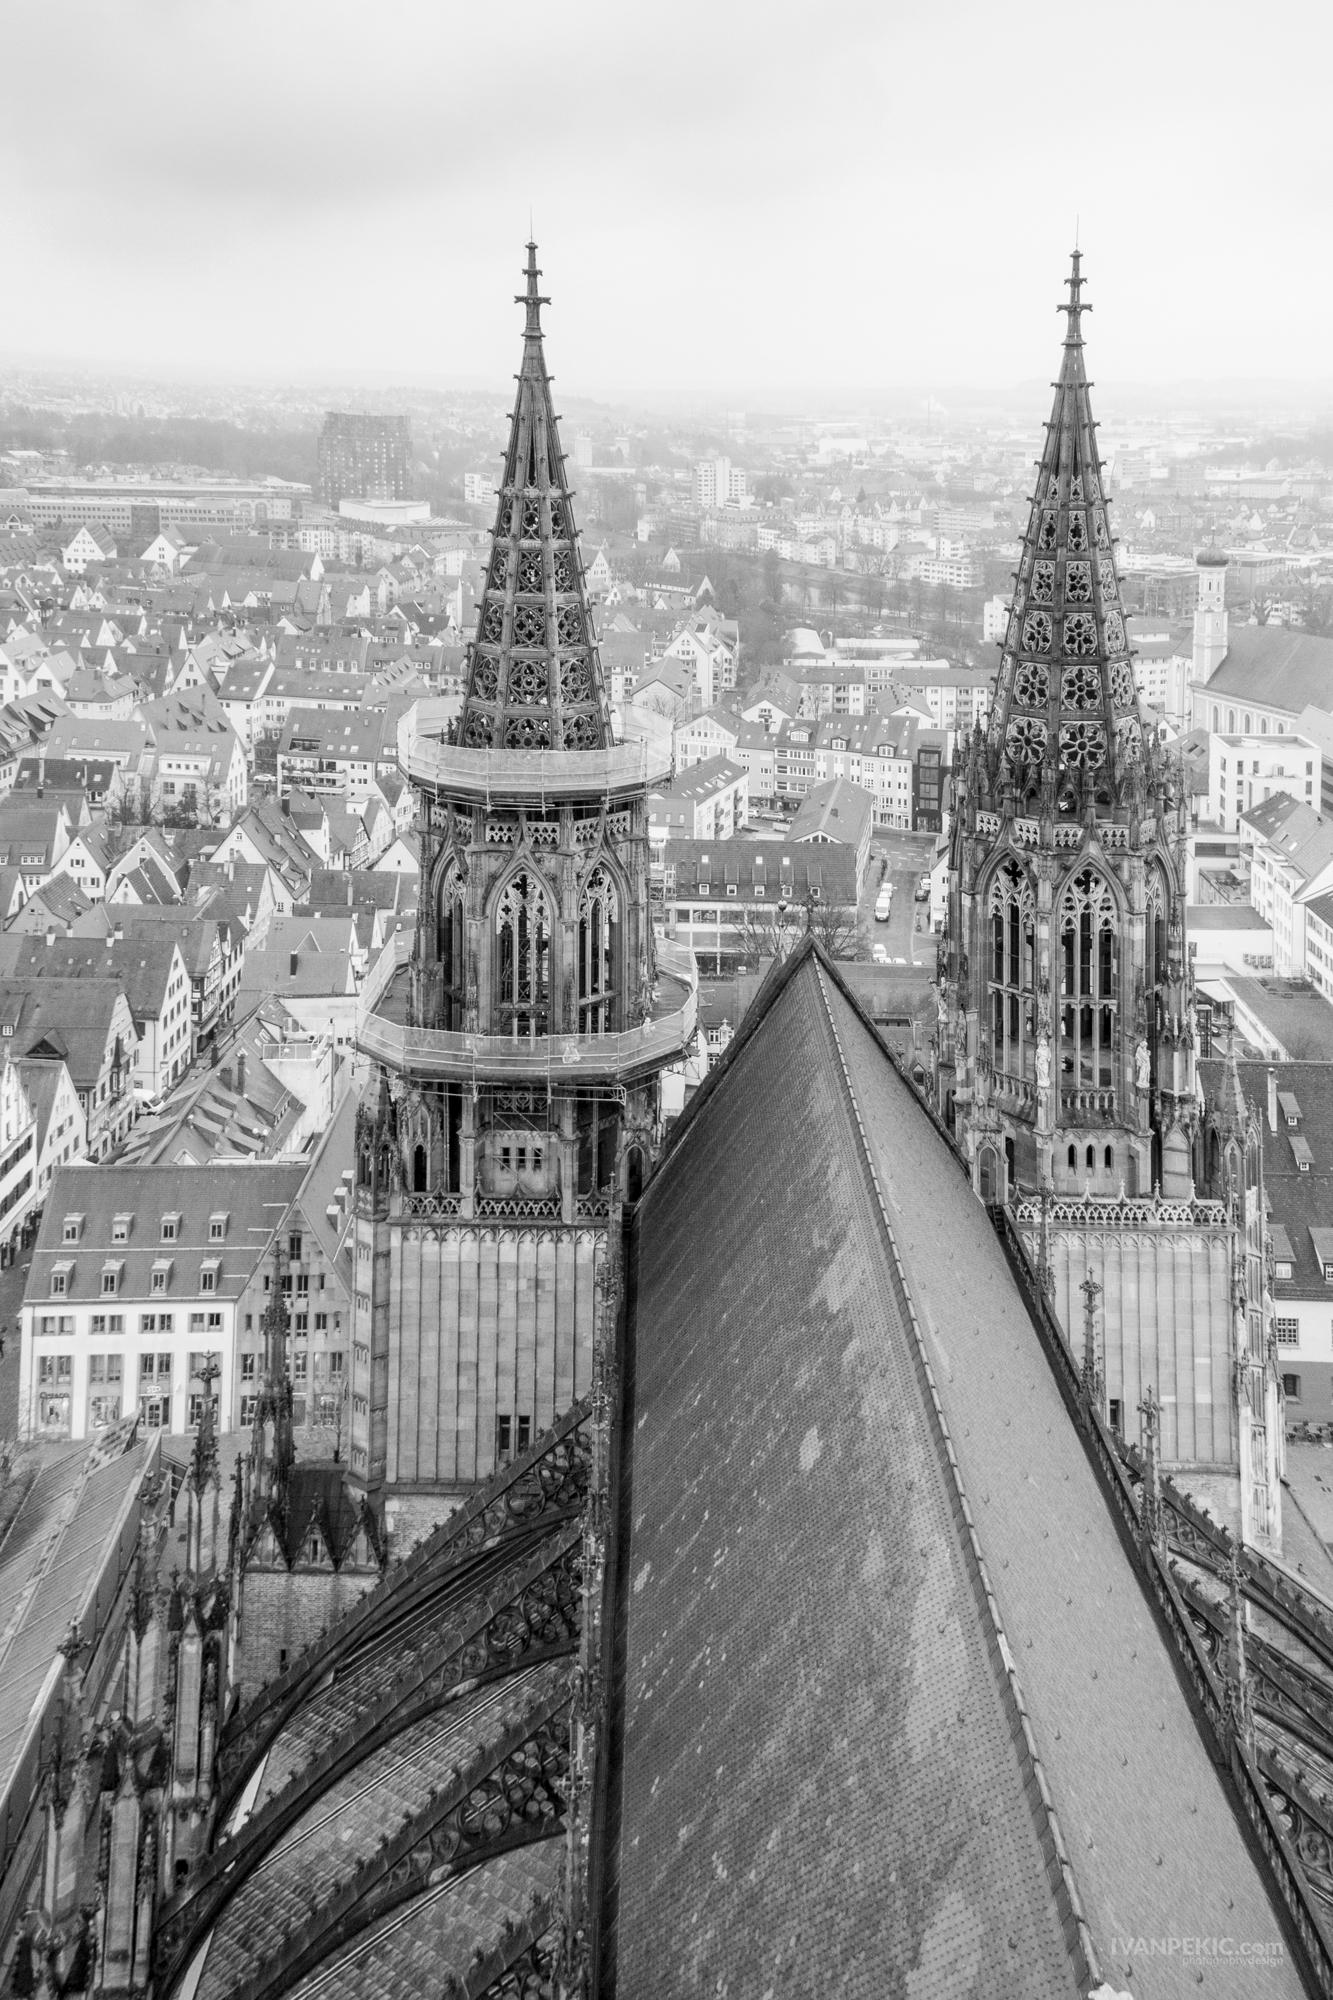 munster katedrala ulm.jpg